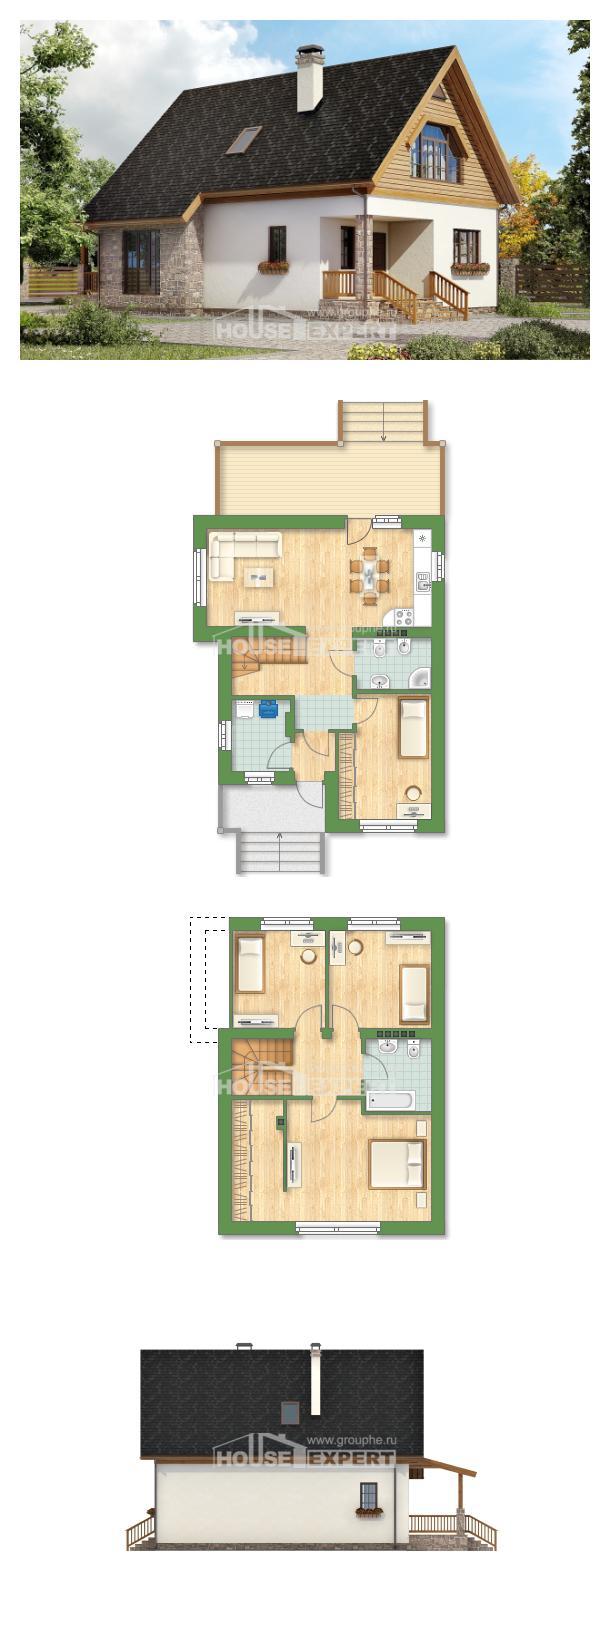 Plan 140-001-L | House Expert